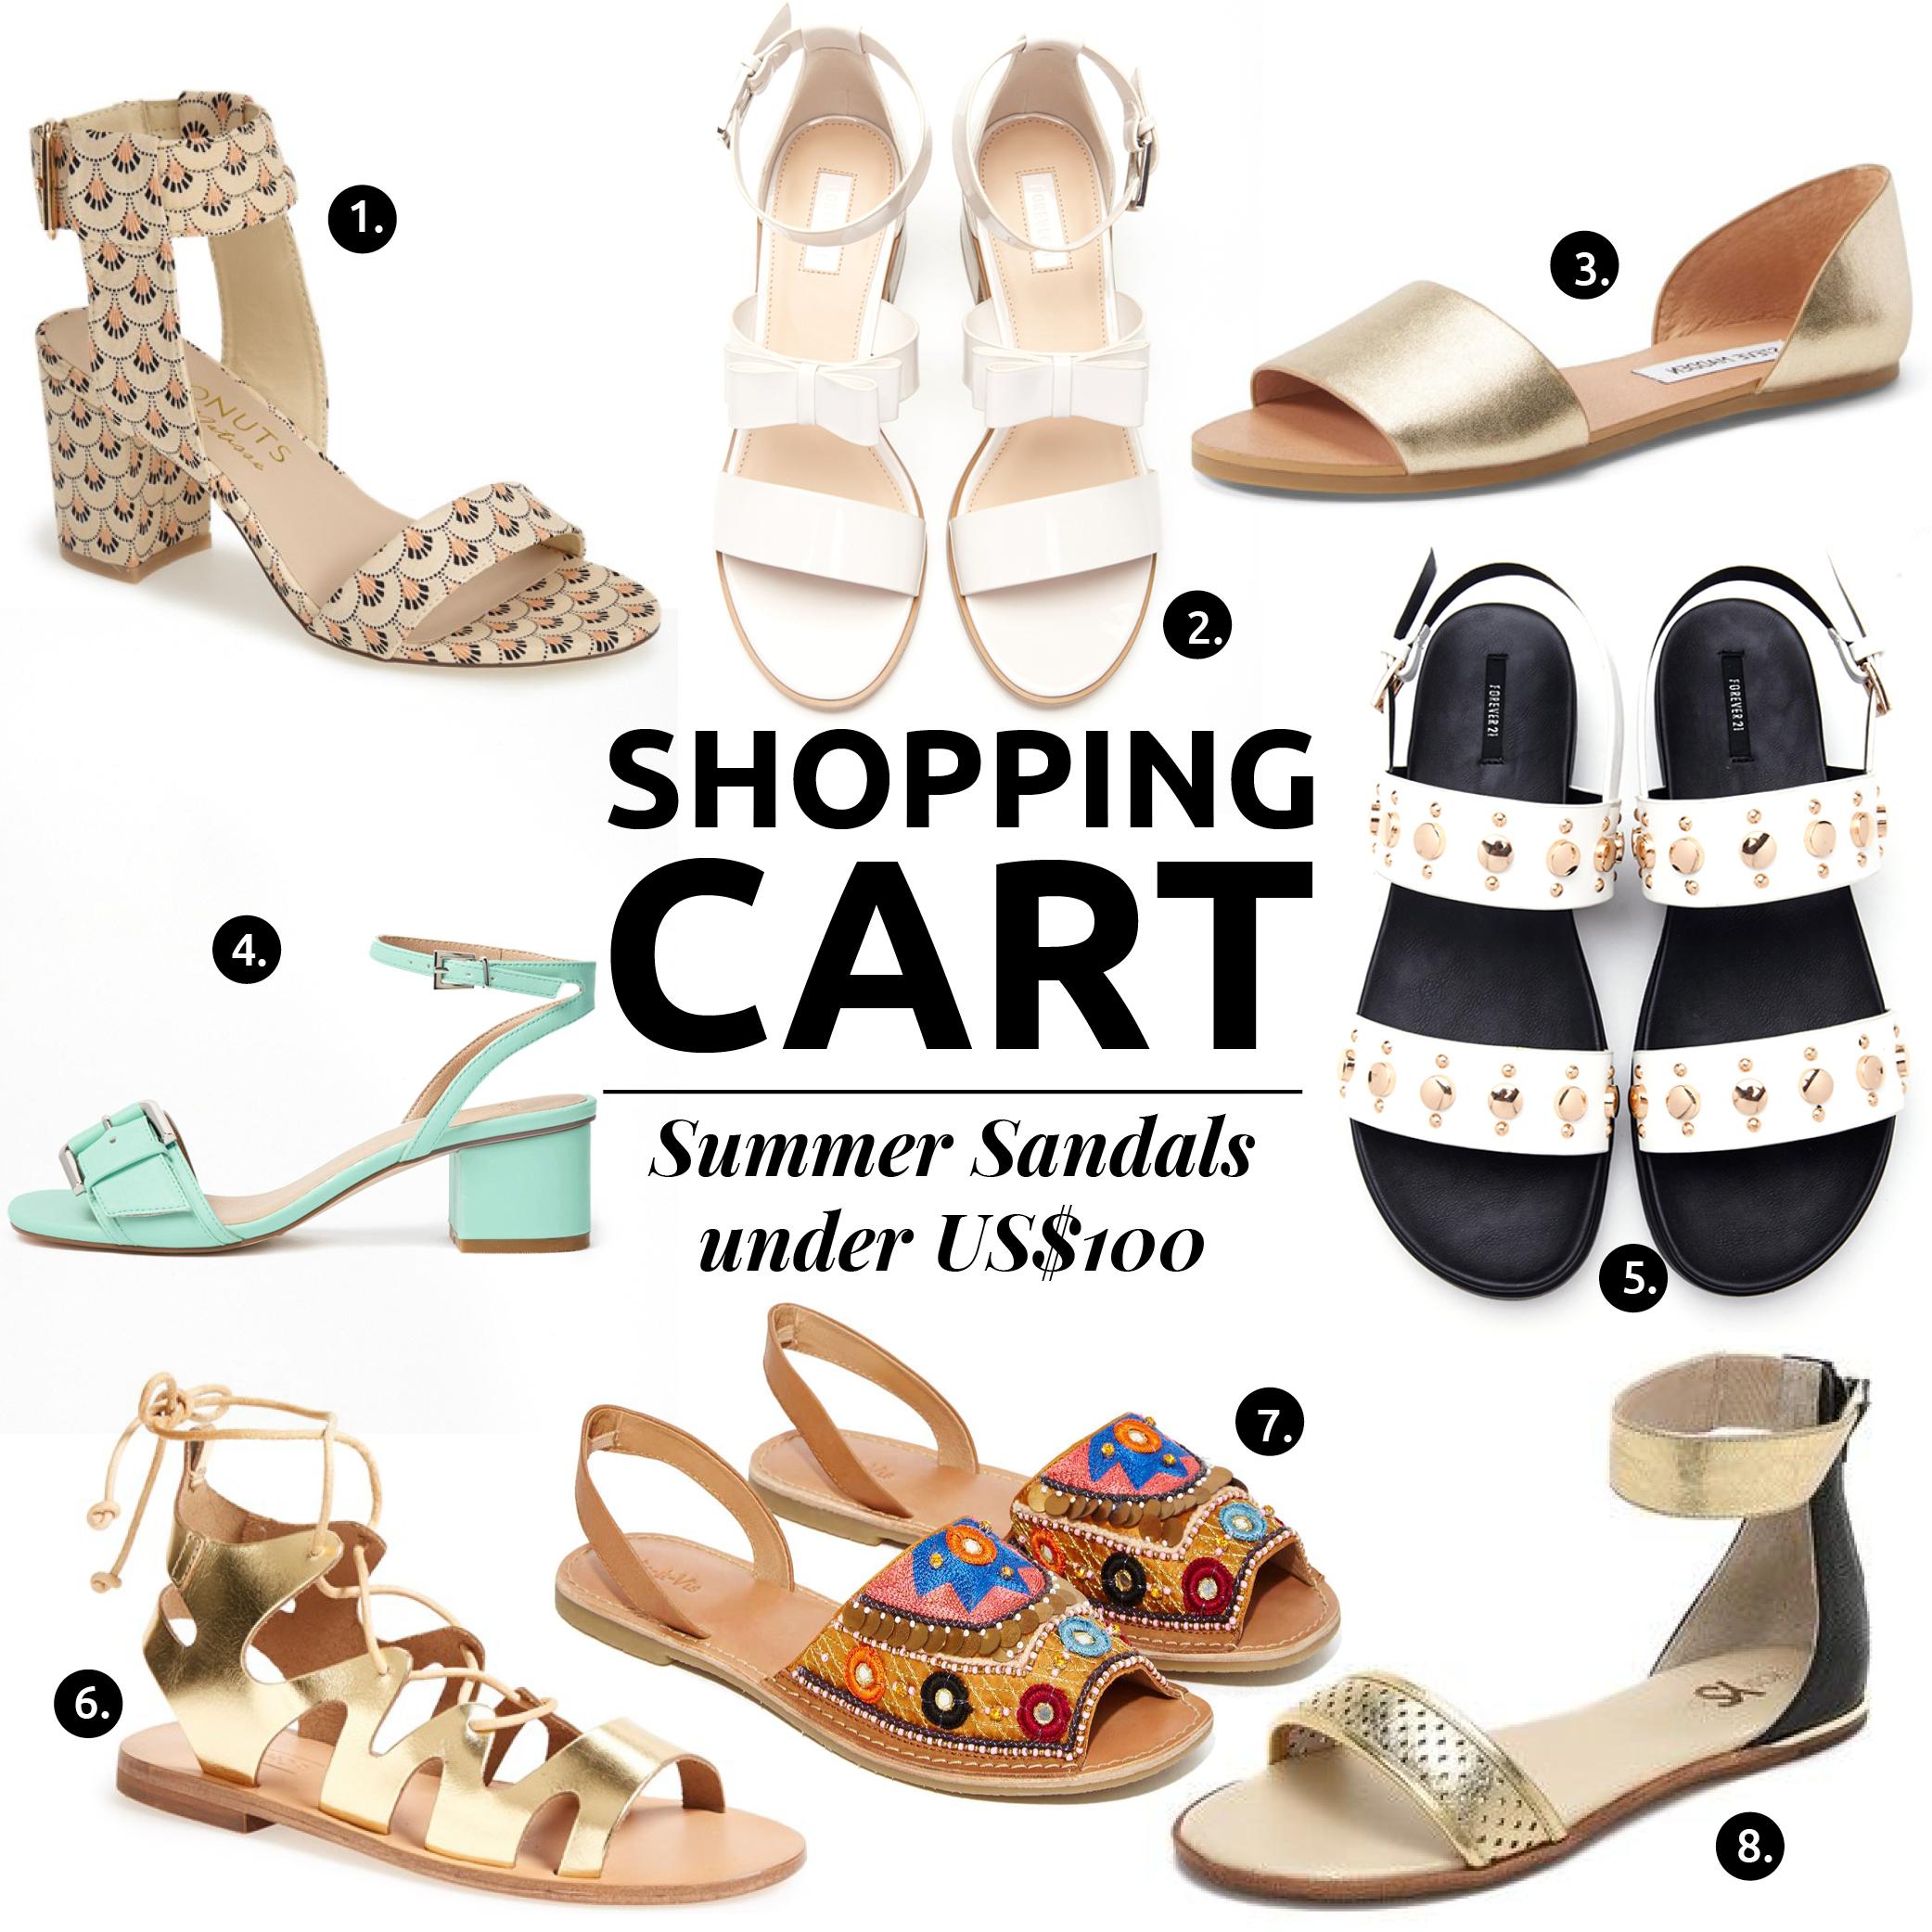 Las Sandalias De Verano Mas Chic En Menos De US$100 // ¿Lista para algunas opciones chic de las sandalias de verano? Con el estilo adecuado, podrías usarlas con un atuendo más formal. ¡Créeme!